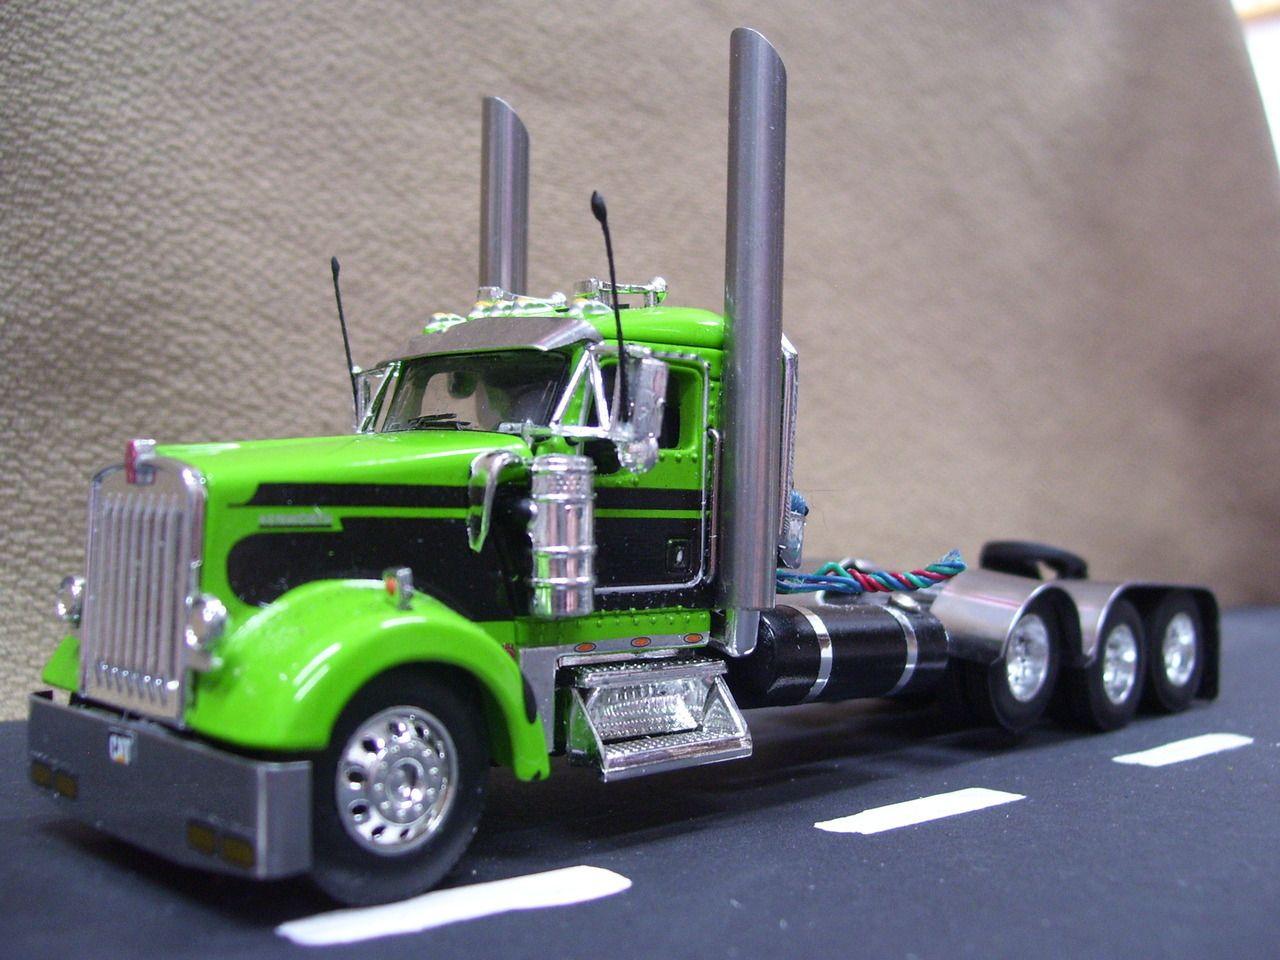 37 Awesome Custom Kenworth W900 Day Cab Images Kenworth W900 Kenworth Cab